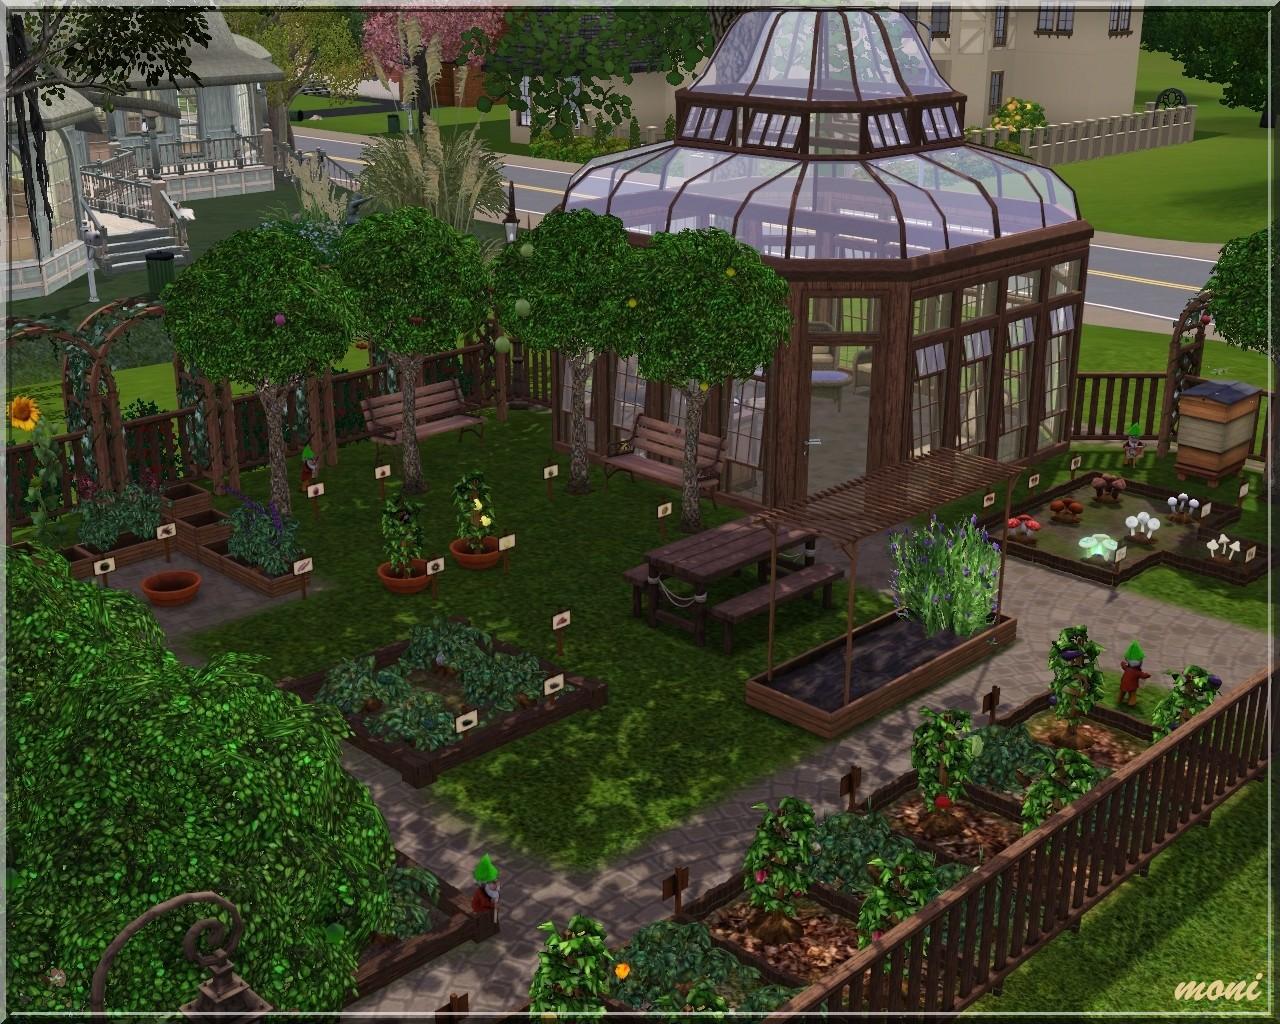 Arda sims small garden for Sims 4 balcony